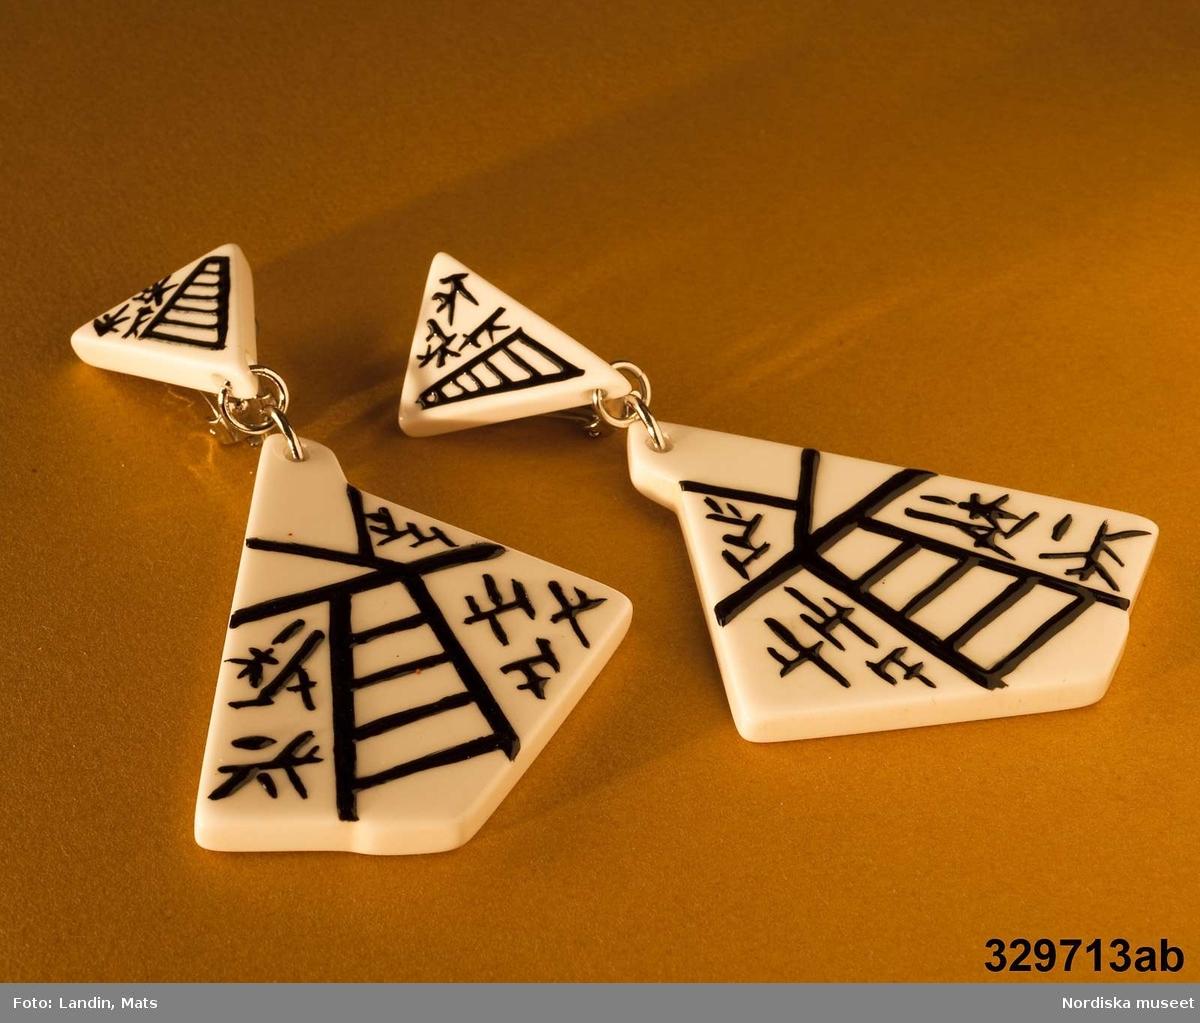 Örhängen av plast, s.k. clip ons med hänge, med svarta japanska tecken på vit botten.  Klämman som sätt runt örsnibben är av metall, liksom de två ringar som håller ihop övre och undre delan av örhängena. Anm.: Ställvis något fläckiga. /Zingoalla Rosenqvist 2009-02-05